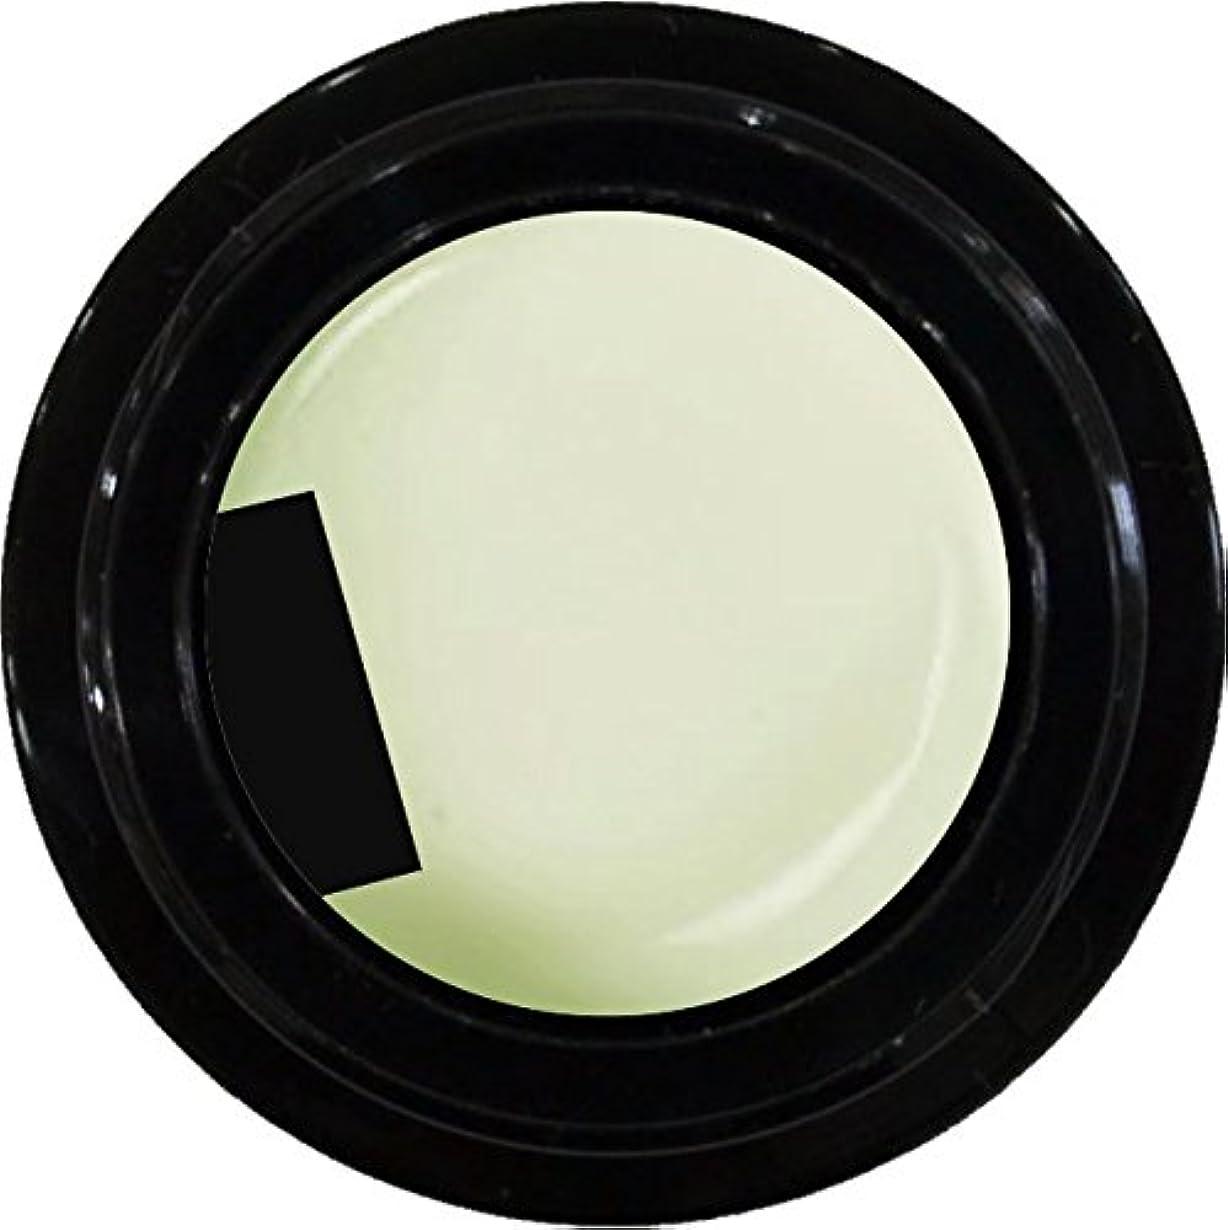 精査最初にラグカラージェル enchant color gel M002 BrancheBale 3g/ マットカラージェル M002 ブランシェベール 3グラム